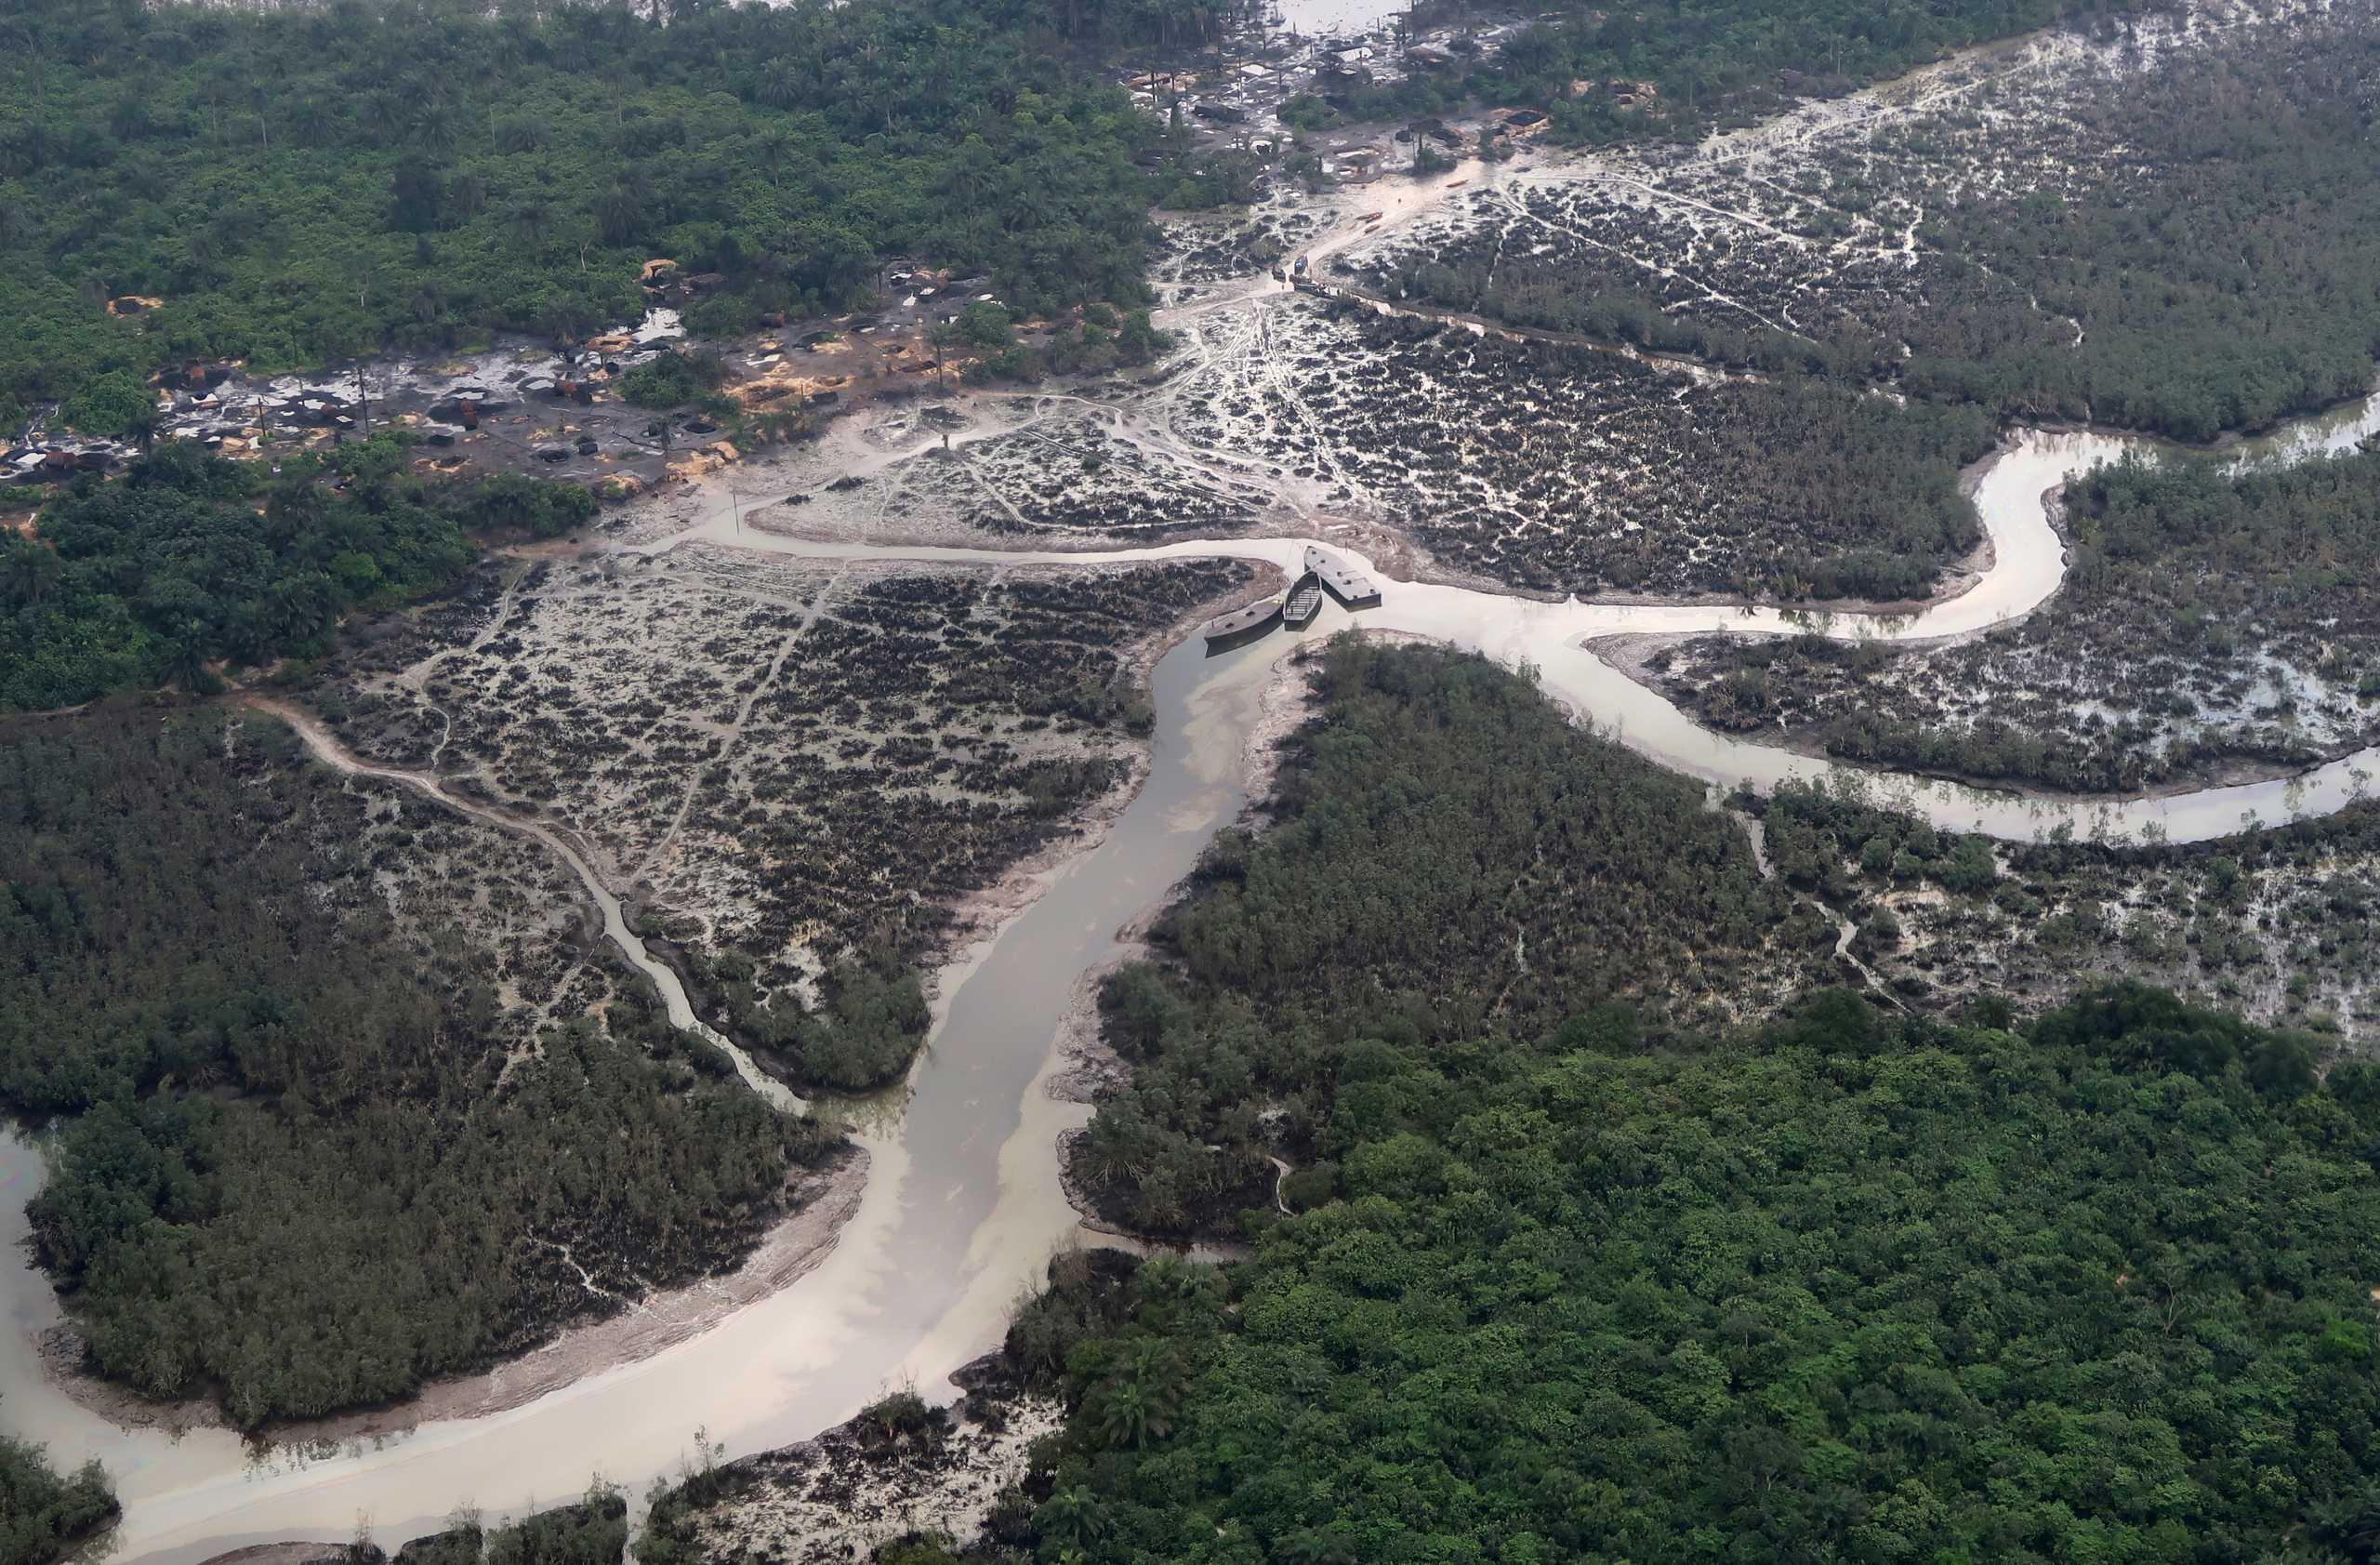 Περισσότεροι από 150 άνθρωποι υπολογίζεται ότι πνίγηκαν μετά τη βύθιση πλοιαρίου στον ποταμό Νίγηρα